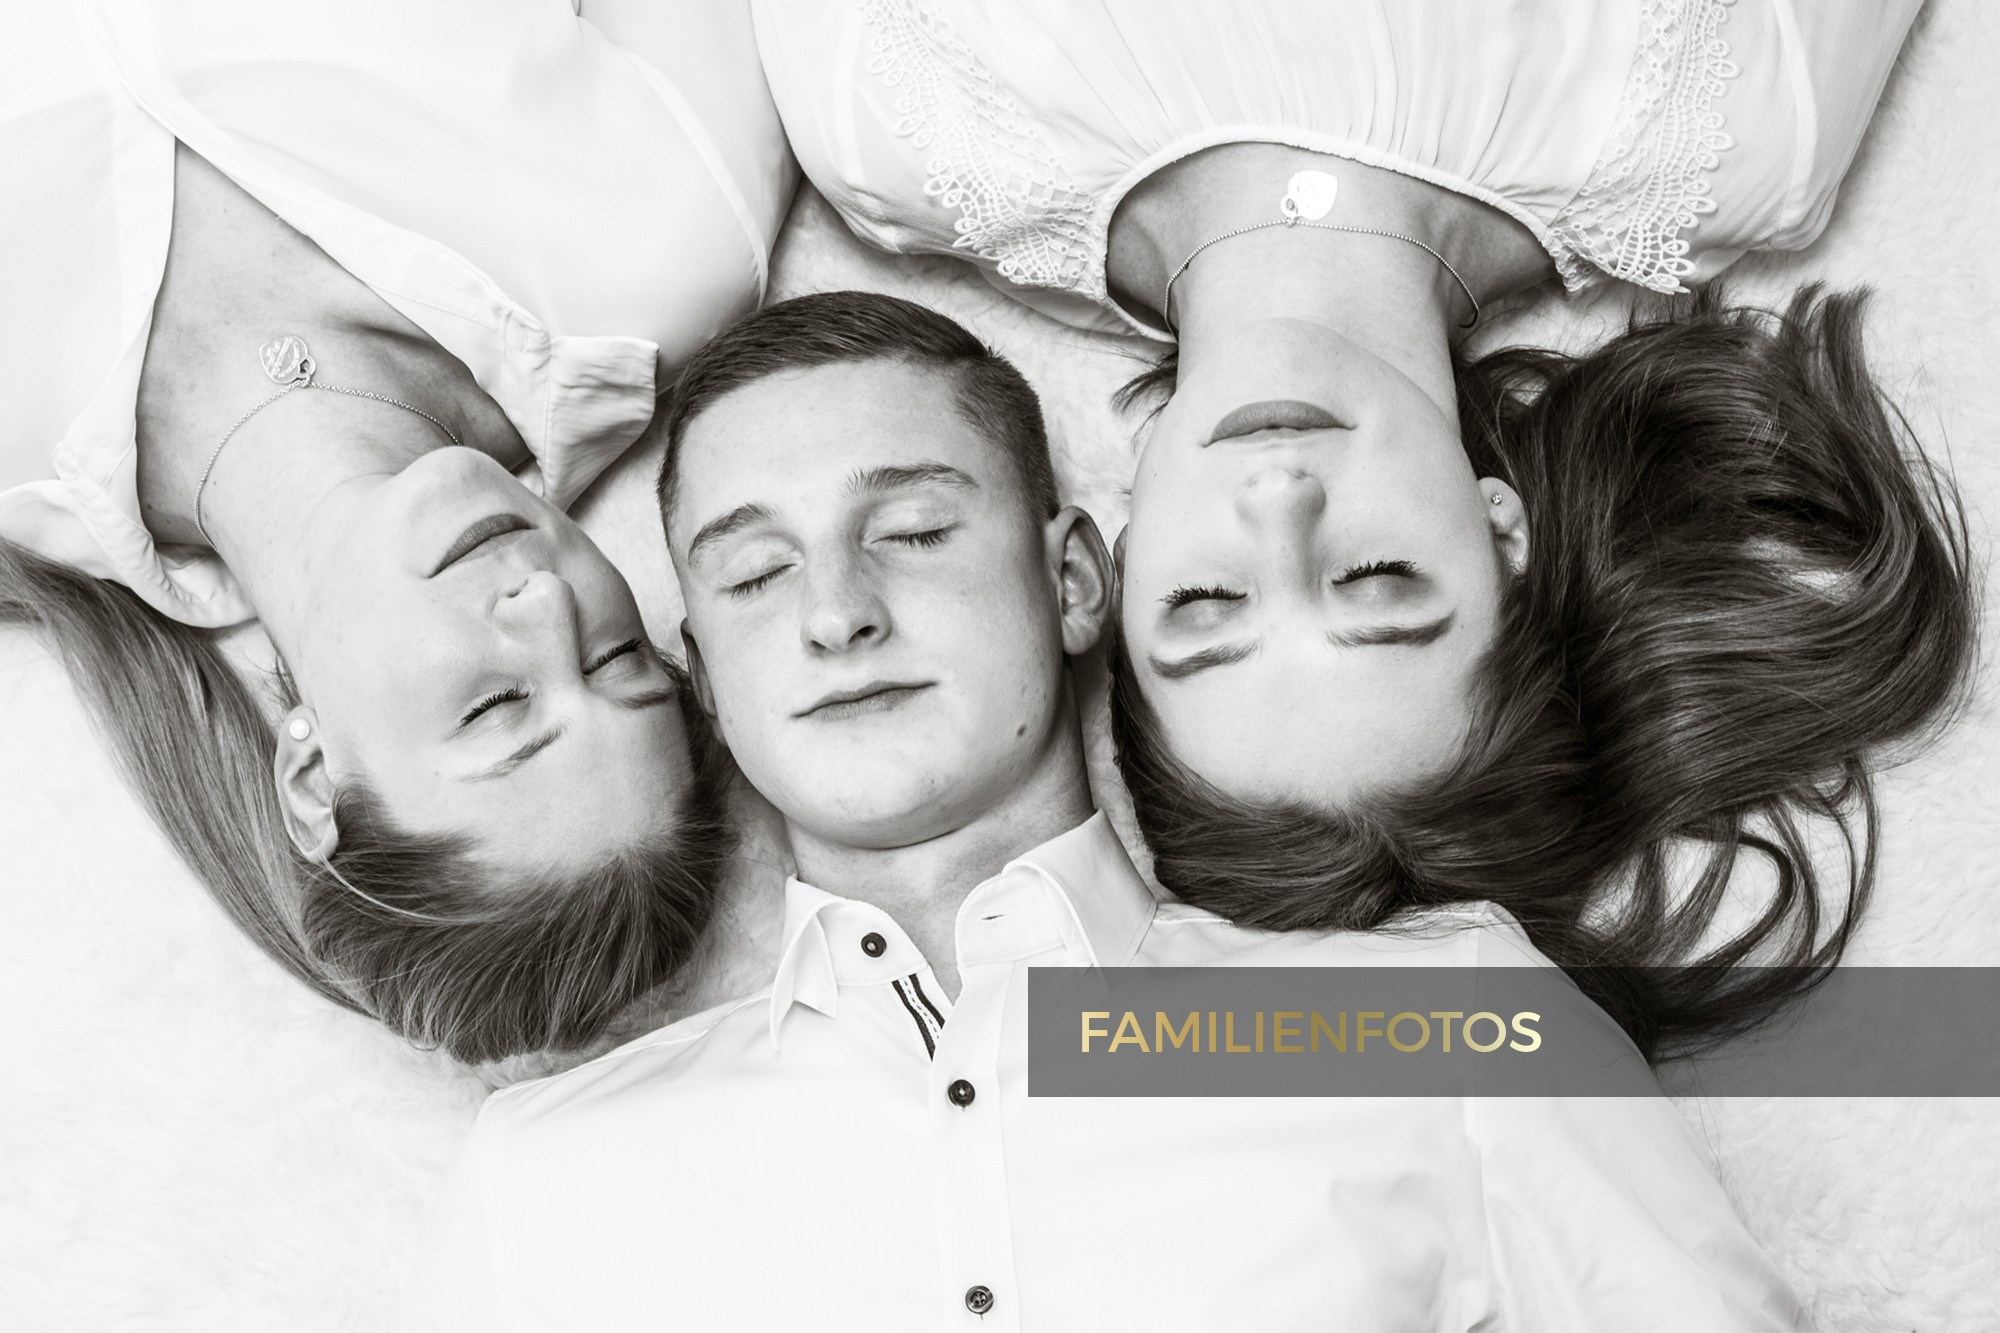 Familienfotos Luis sw